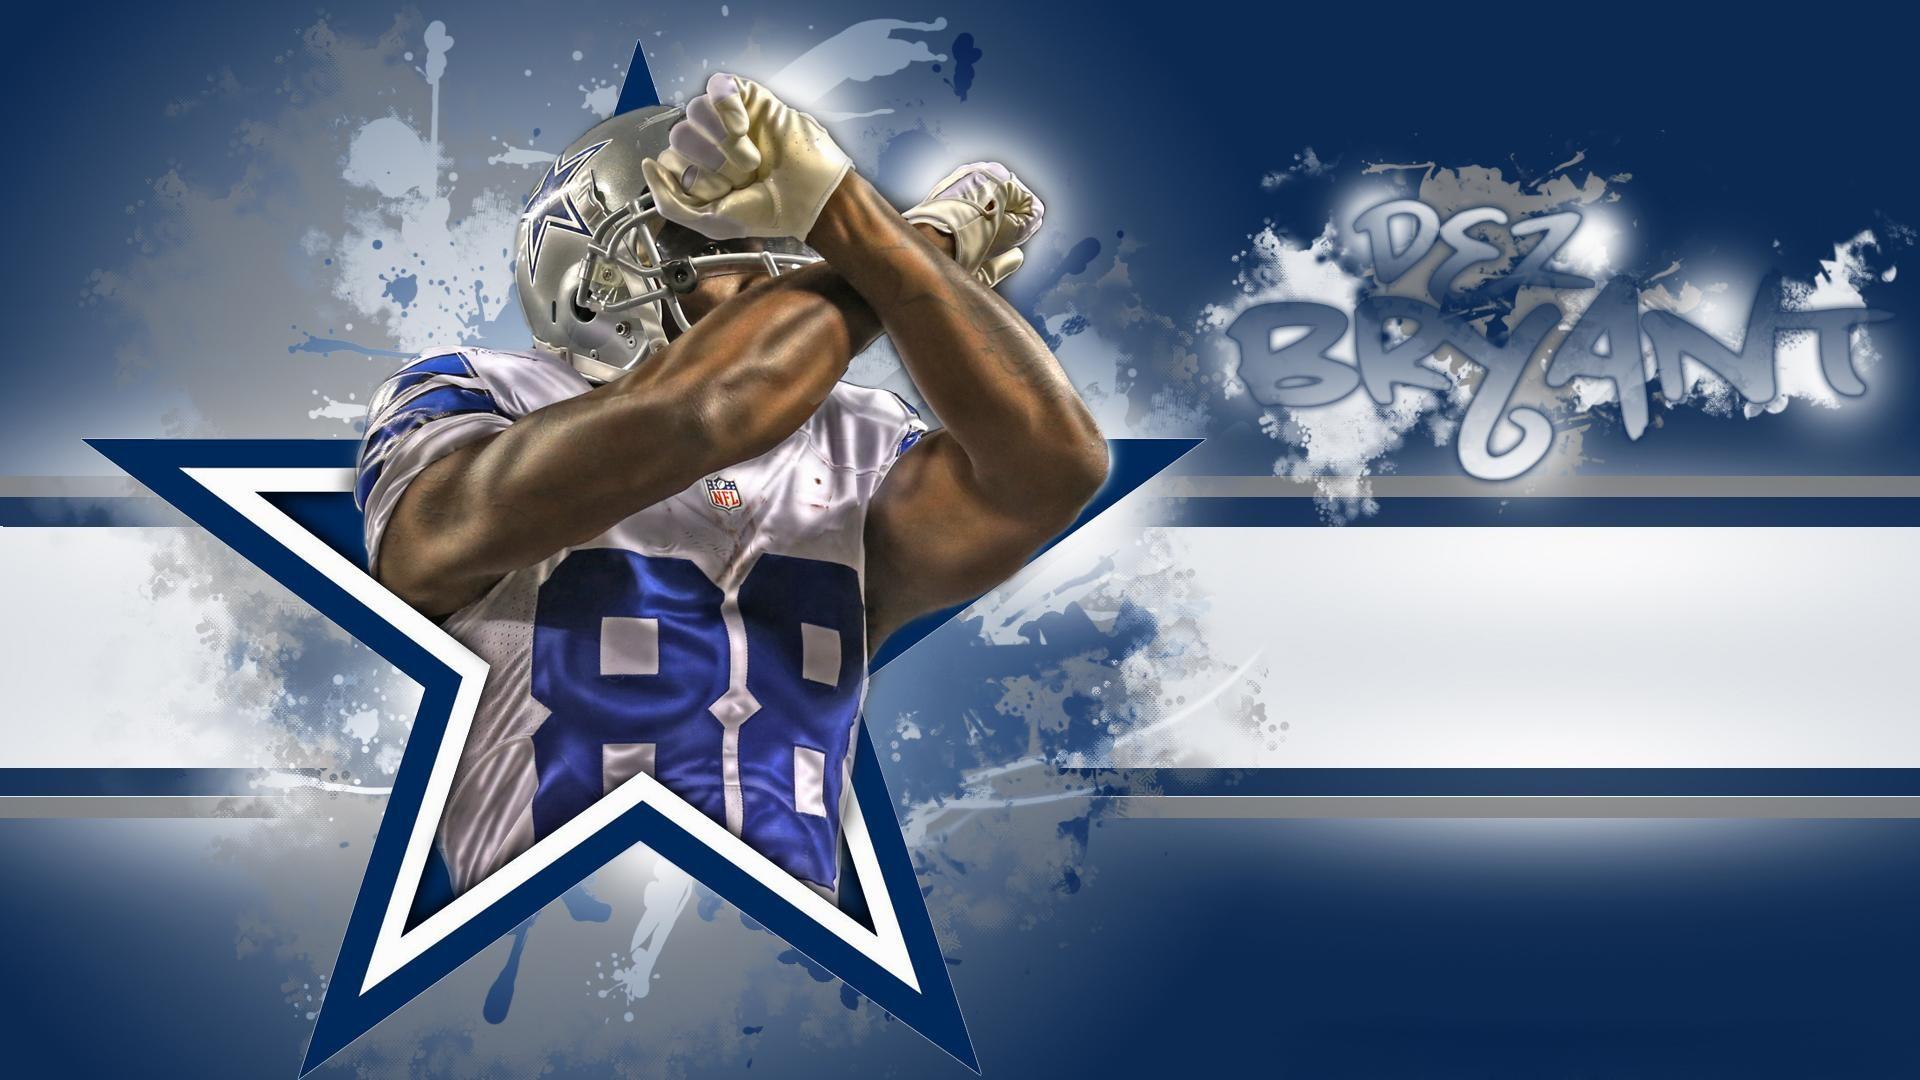 wallpaper.wiki-Photos-Dallas-Cowboy-Wallpaper-HD-PIC-